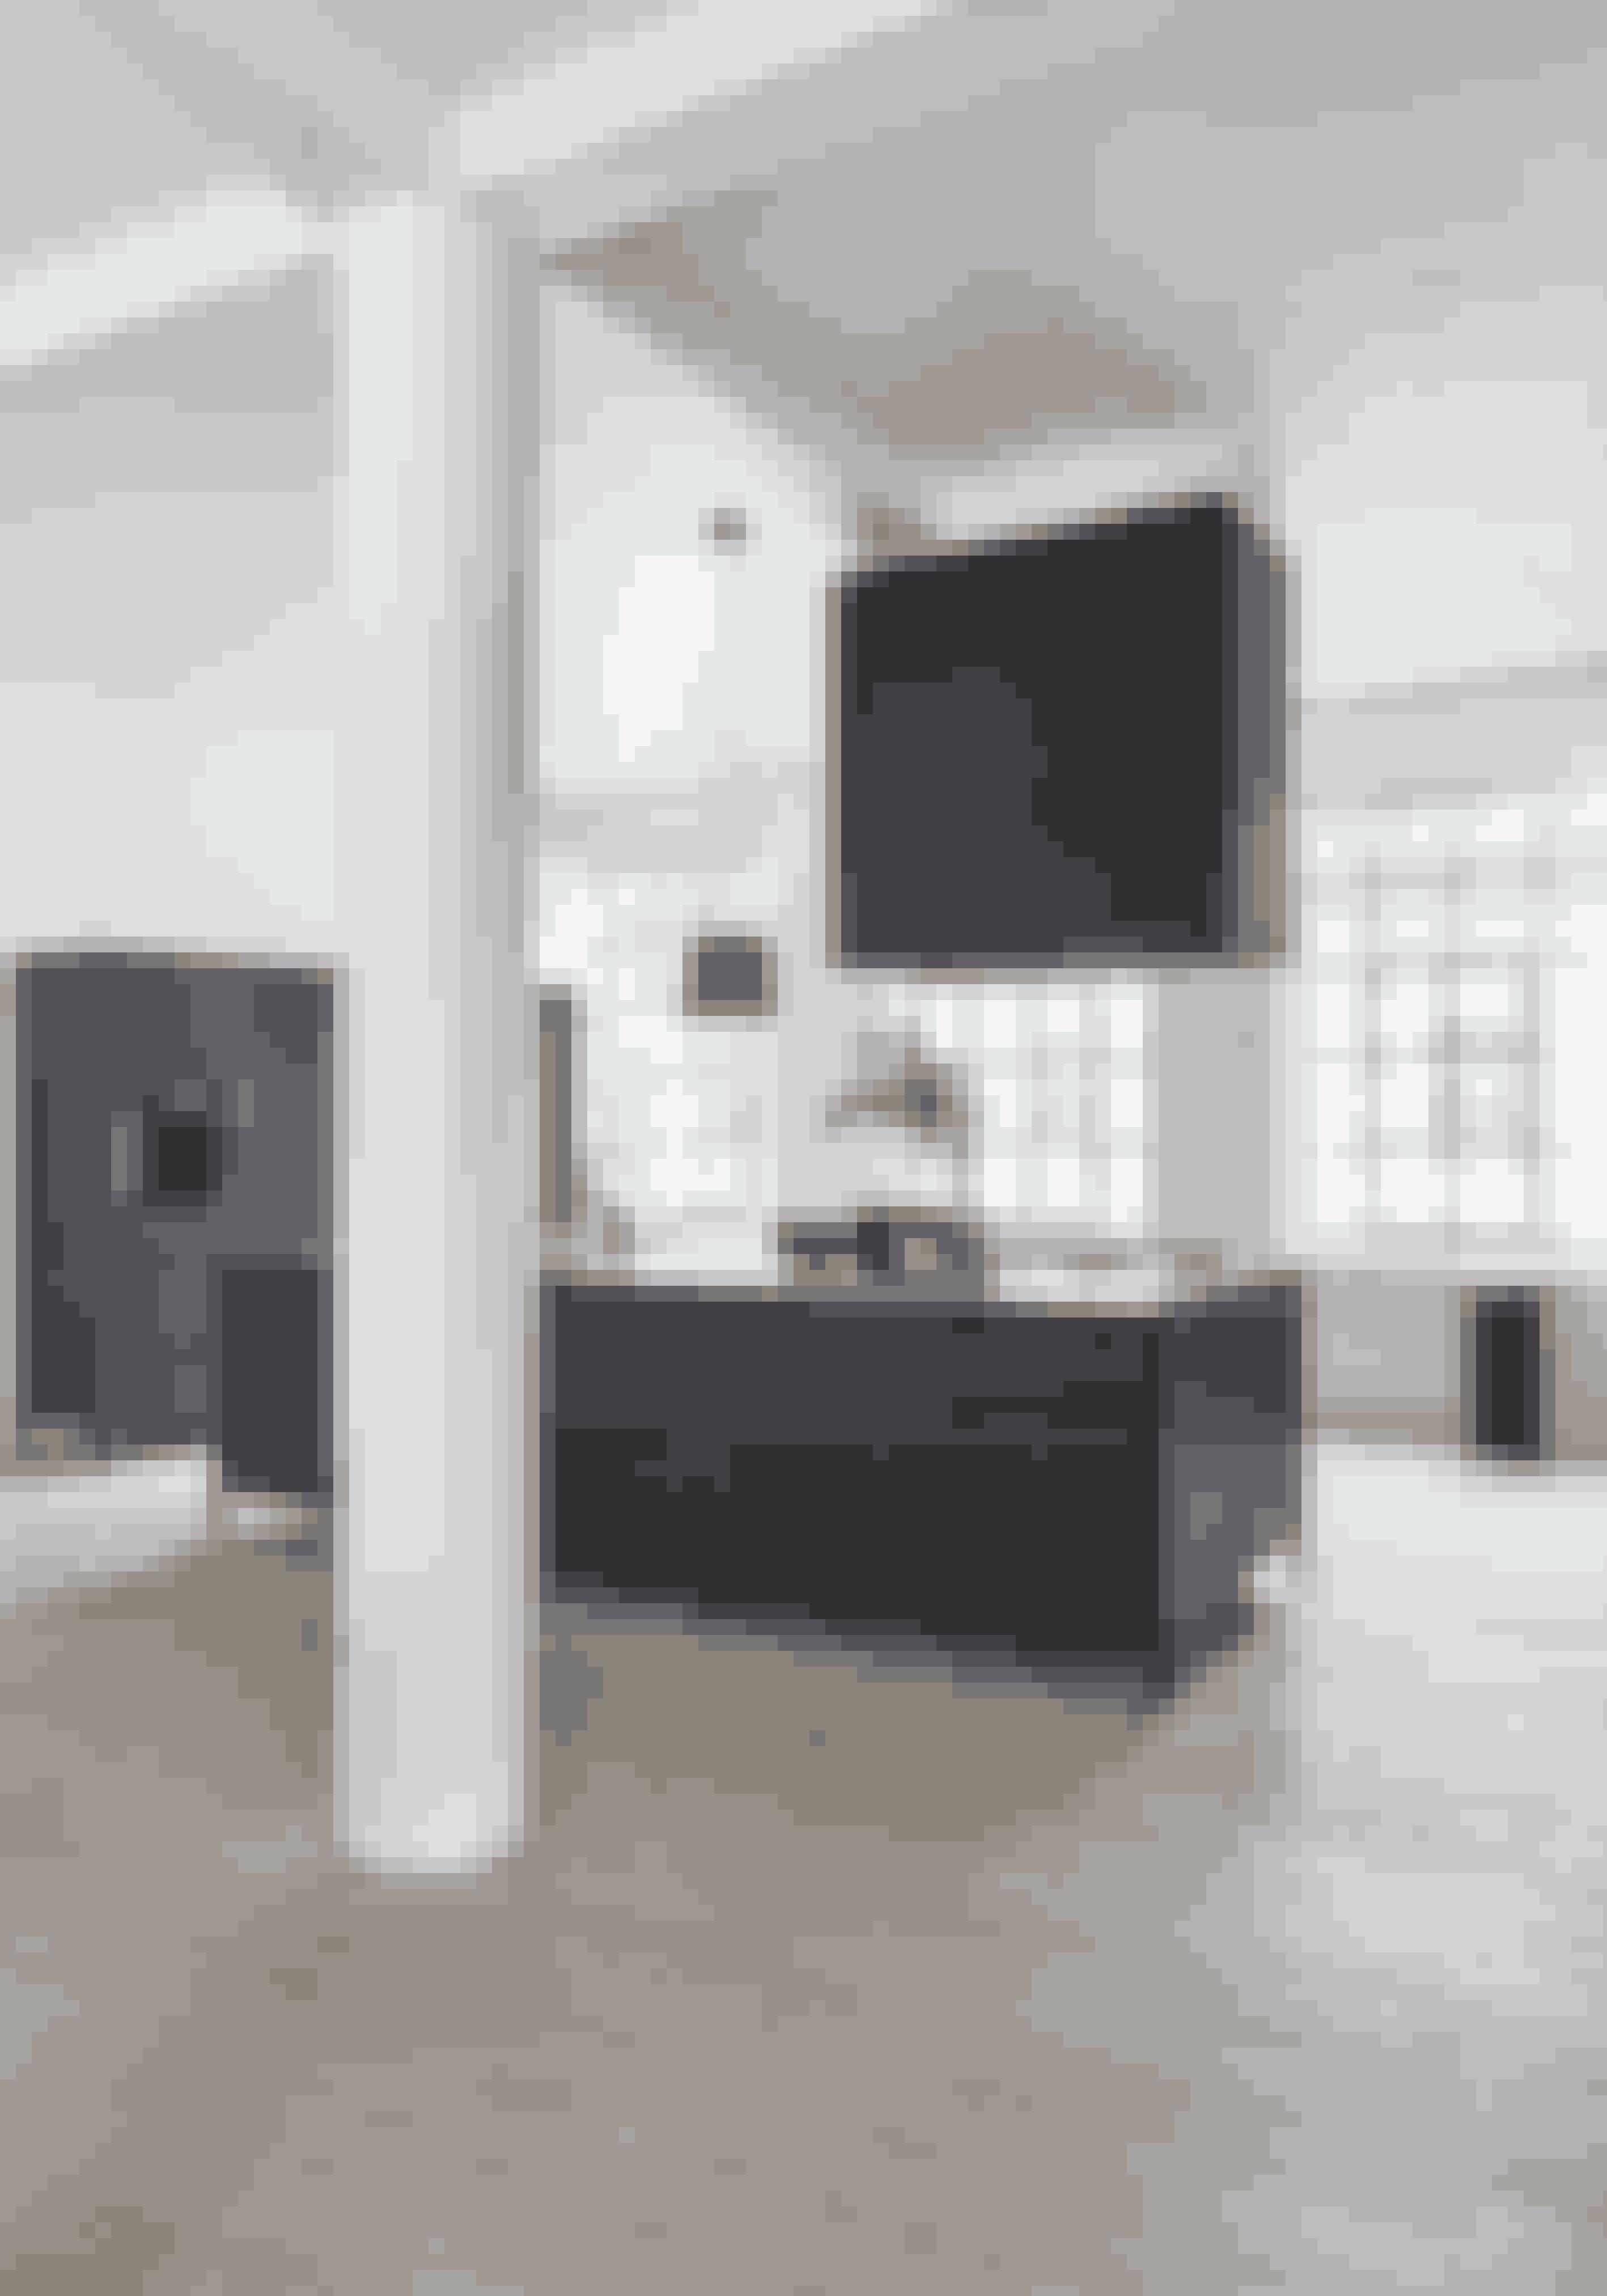 Lad vægge, lofter og evt. bærende søjler være hvide – dels for at understrege stemningen af newyorker-loft, men også for at give lyset bedst muligt spillerum. Køkkenet er sat på metalben i stedet for en traditionel sokkel, og det fremhæver den industrielle stil, men gør samtidig udtrykket let. Køkkenet er fra Vipp.